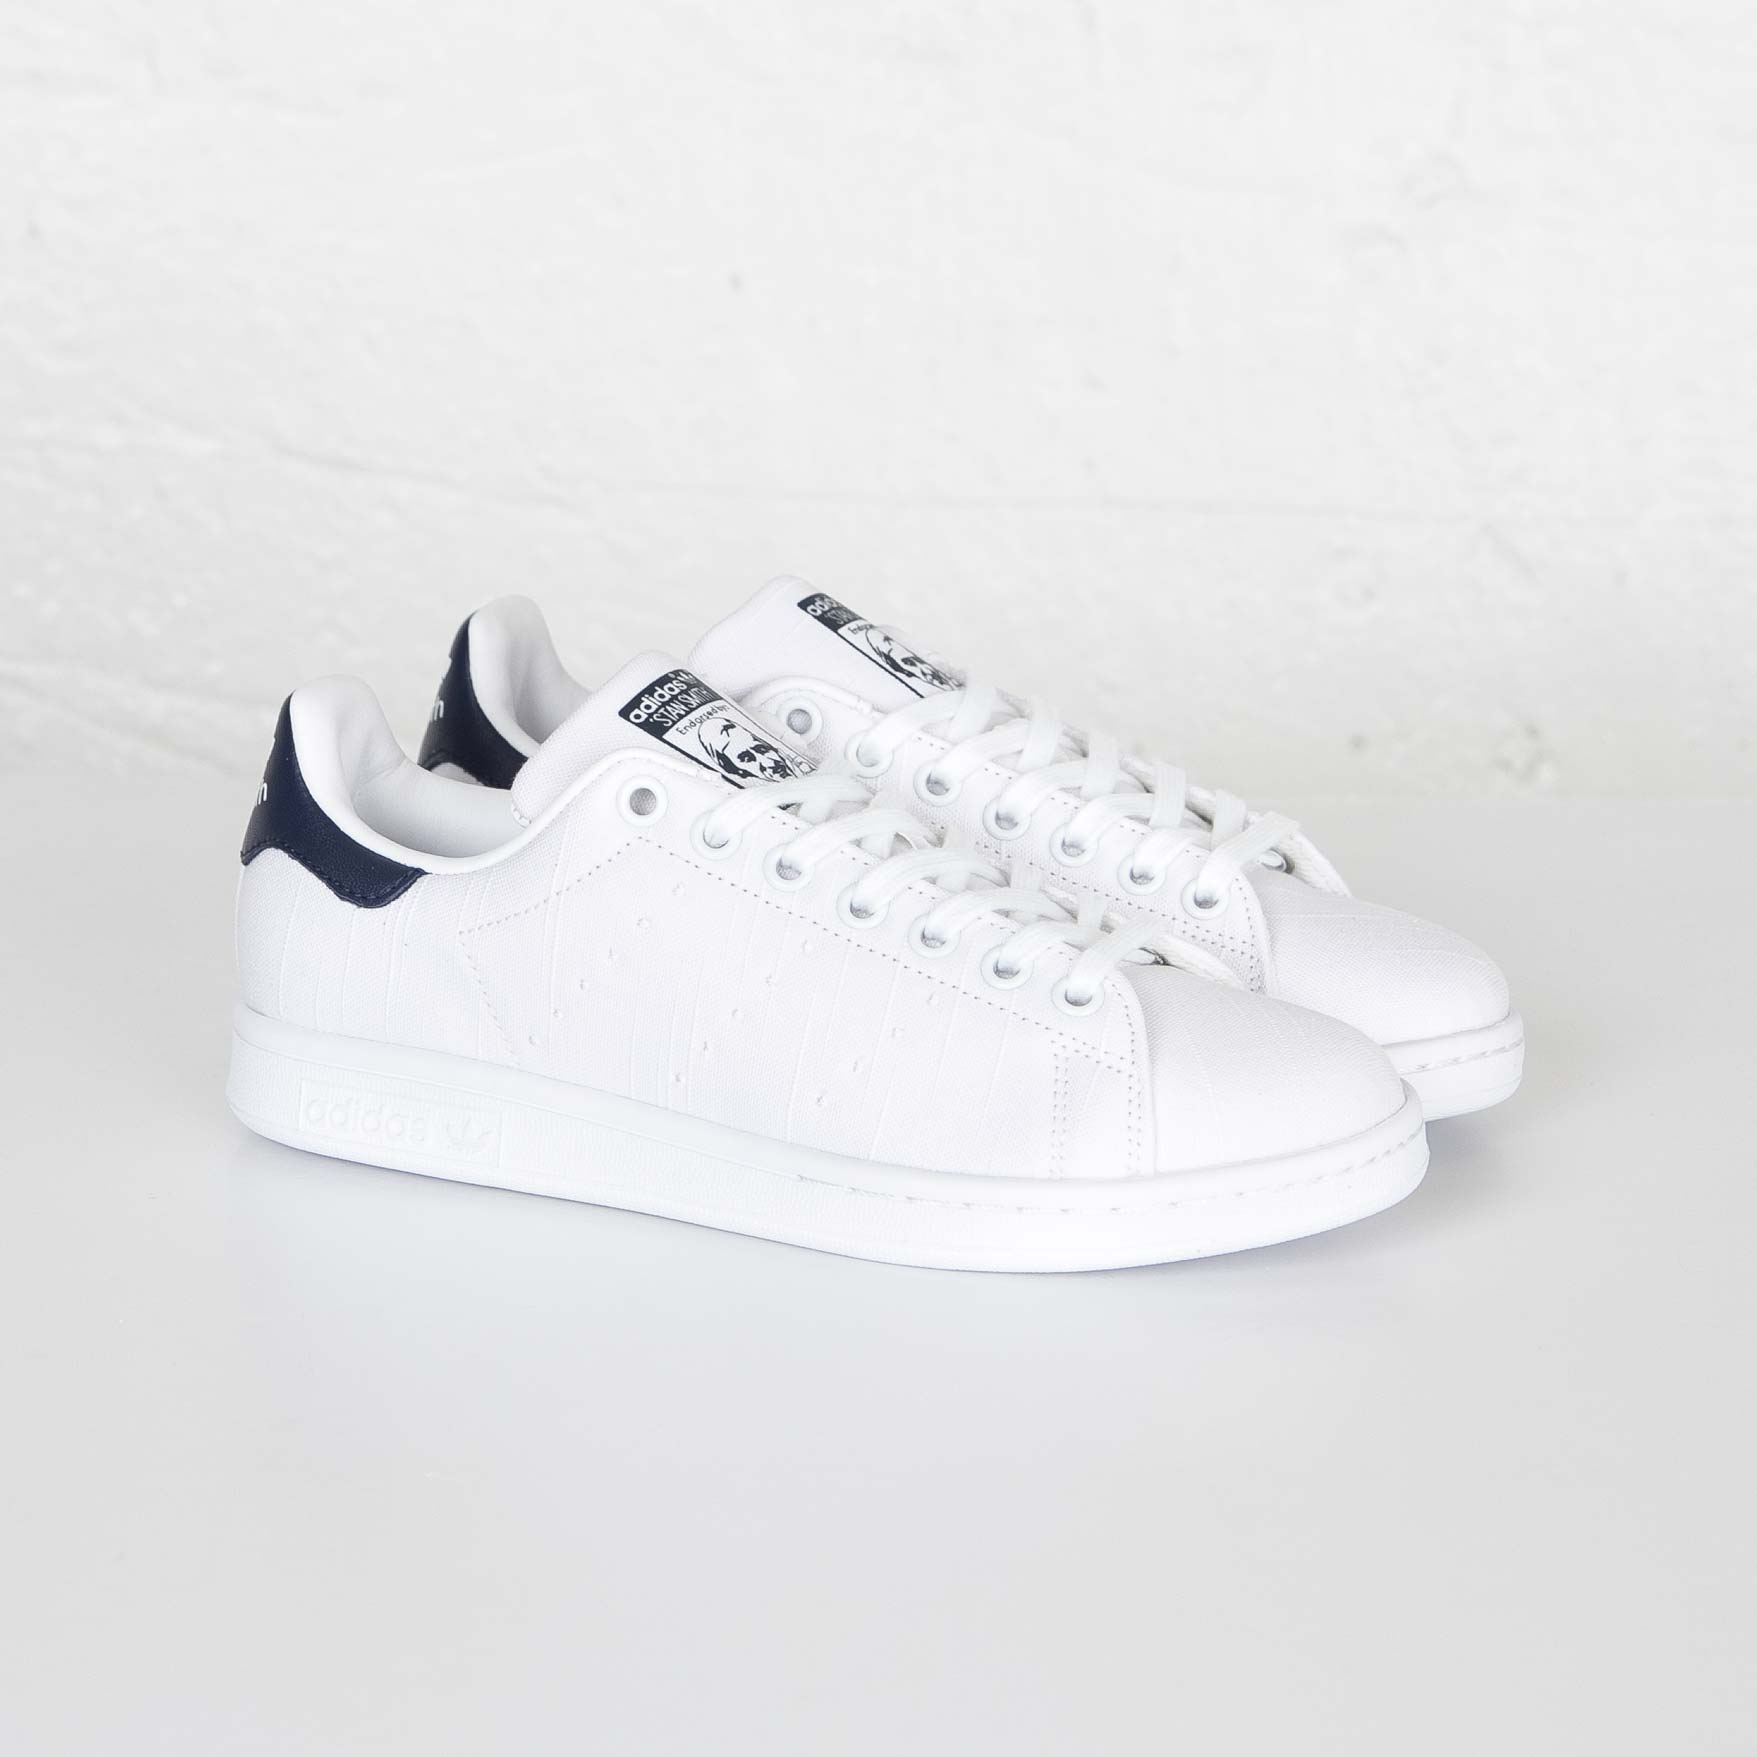 Adidas Stan Smith Femme Blanc Adidas Stan Smith W Ftw